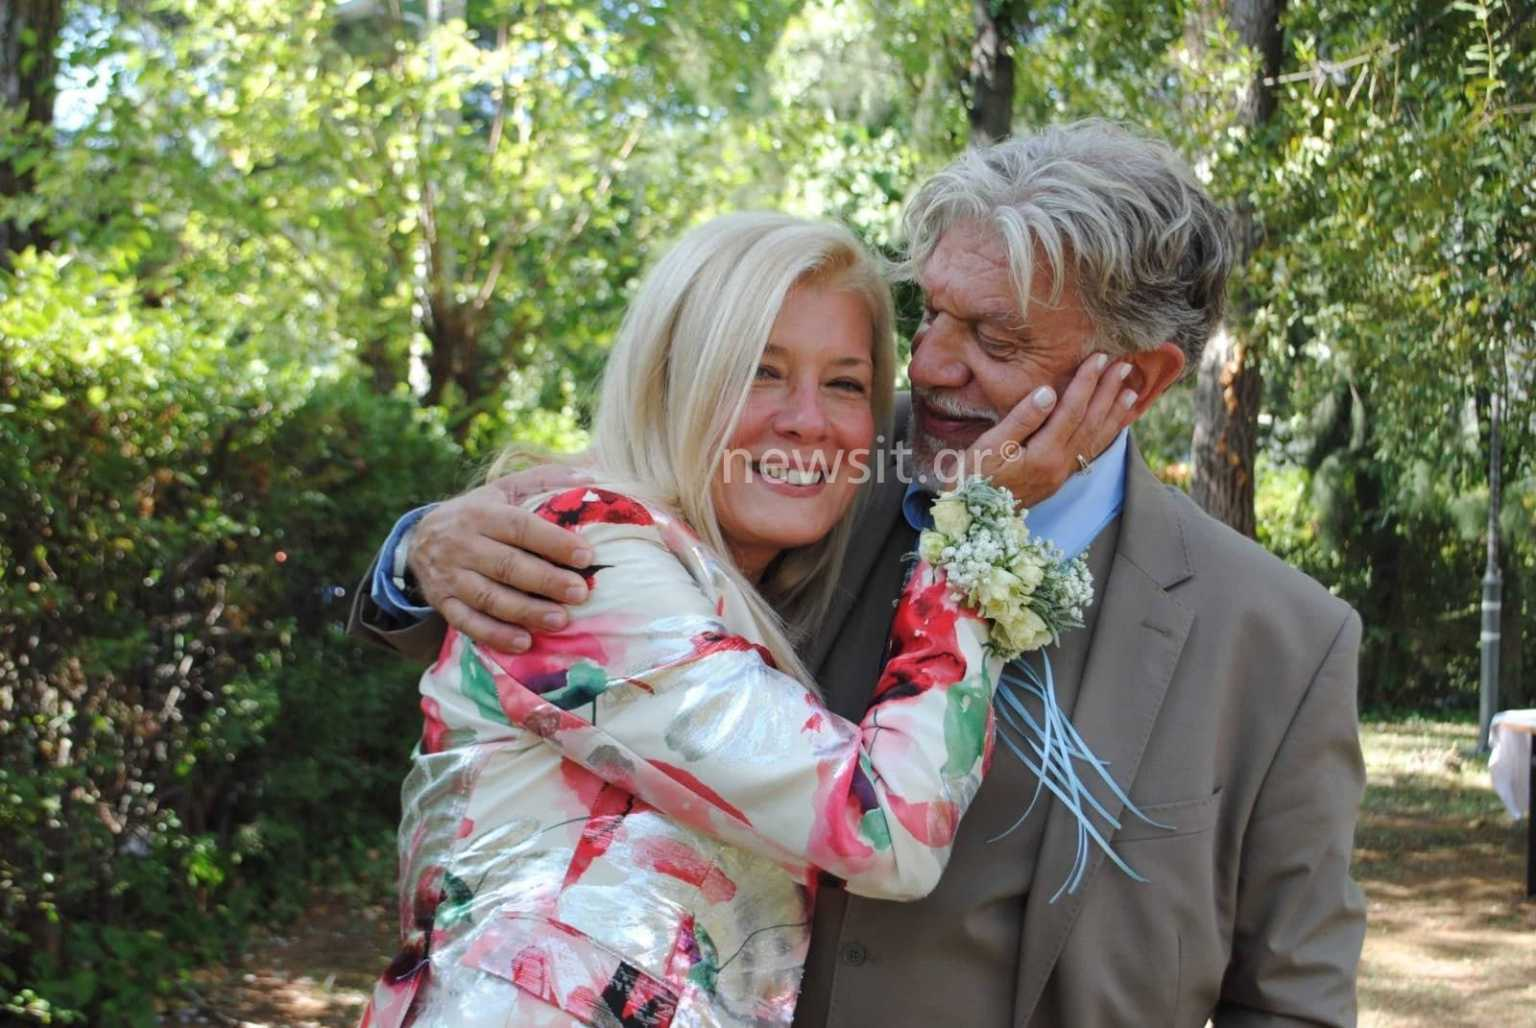 Ο Γιάννης Βούρος ξαναπαντρεύτηκε την πρώην σύζυγό του! (εικόνες)